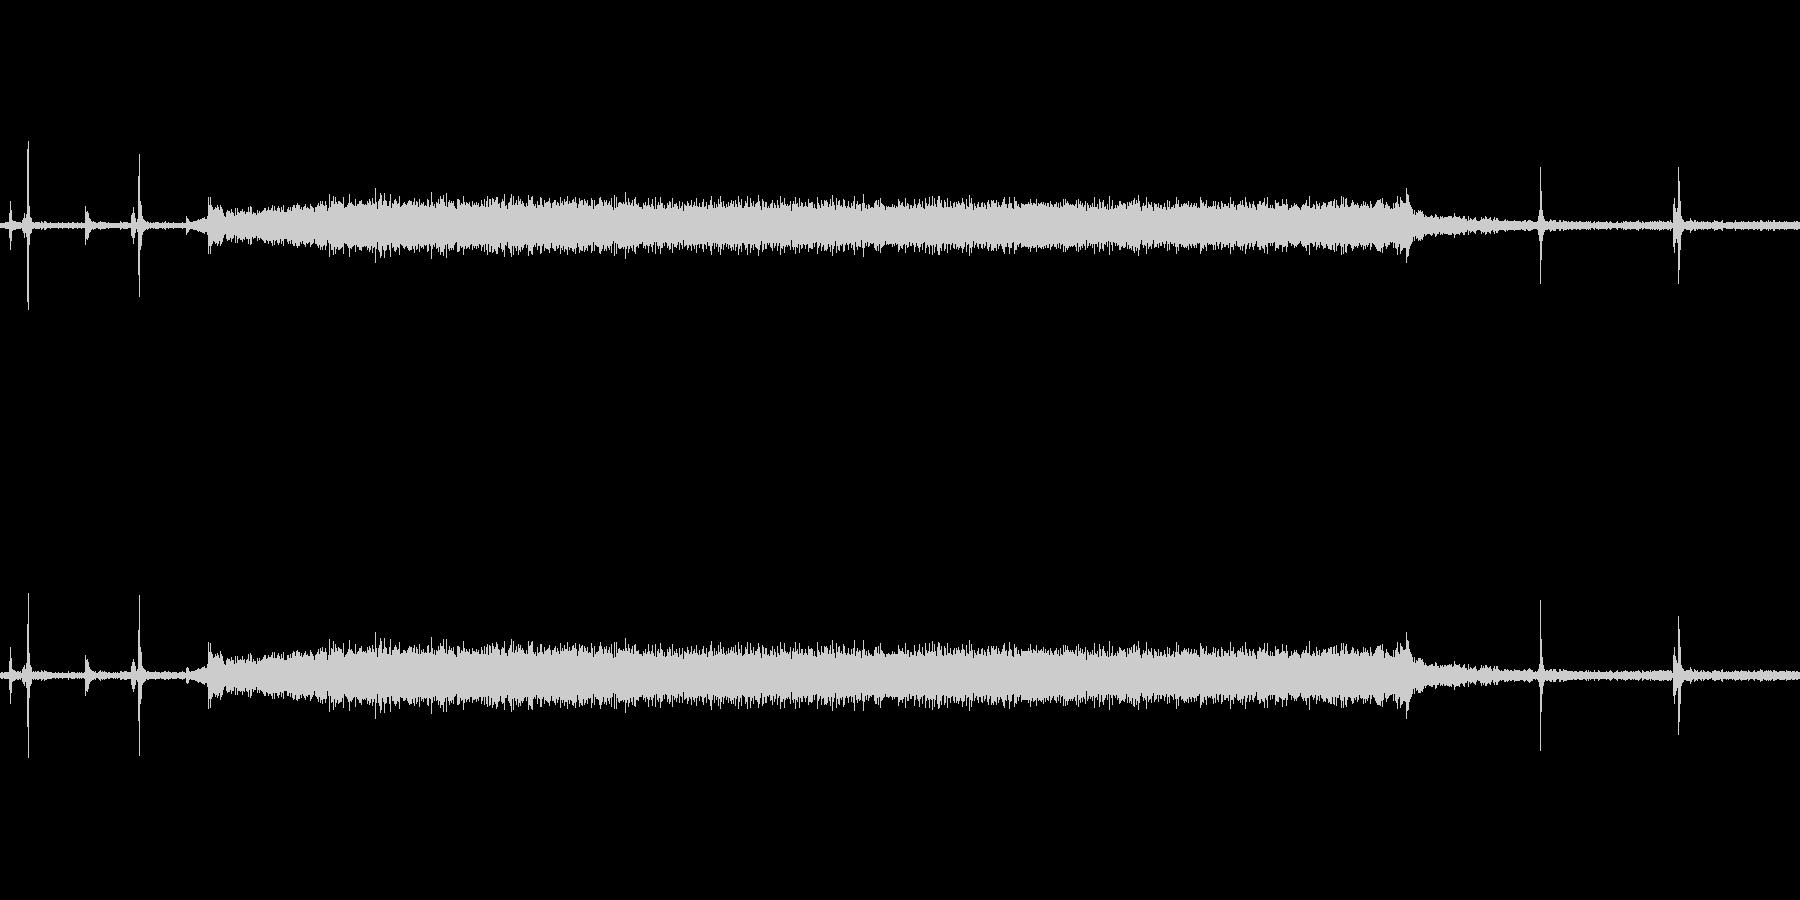 電子レンジで暖めている時の音です。の未再生の波形